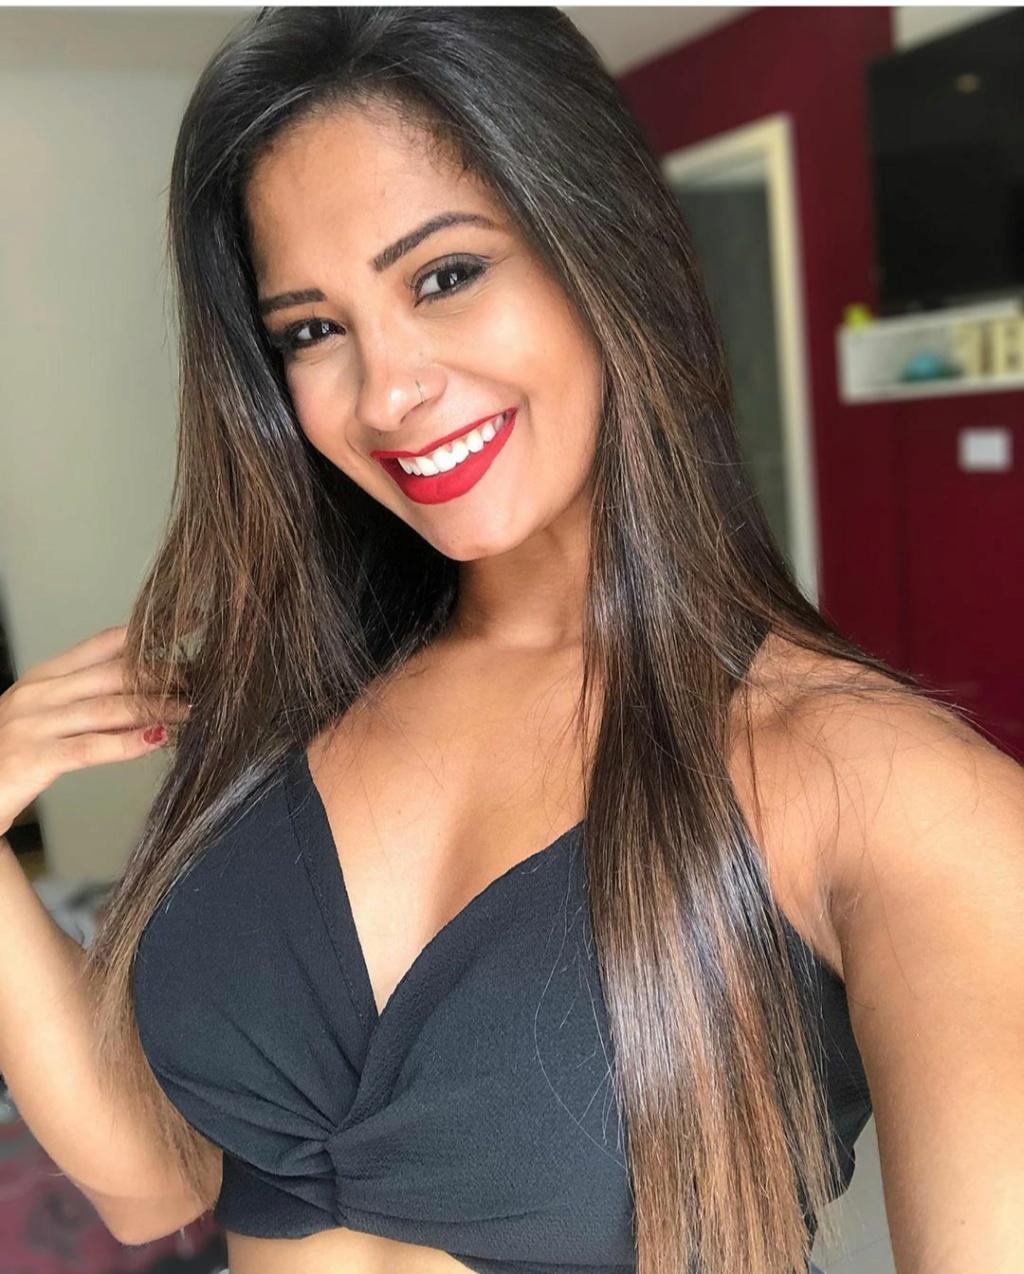 DEBATE sobre belleza, guapura y hermosura (fotos de chicas latinas, mestizas, y de todo) - VOL II - Página 3 Img_1105